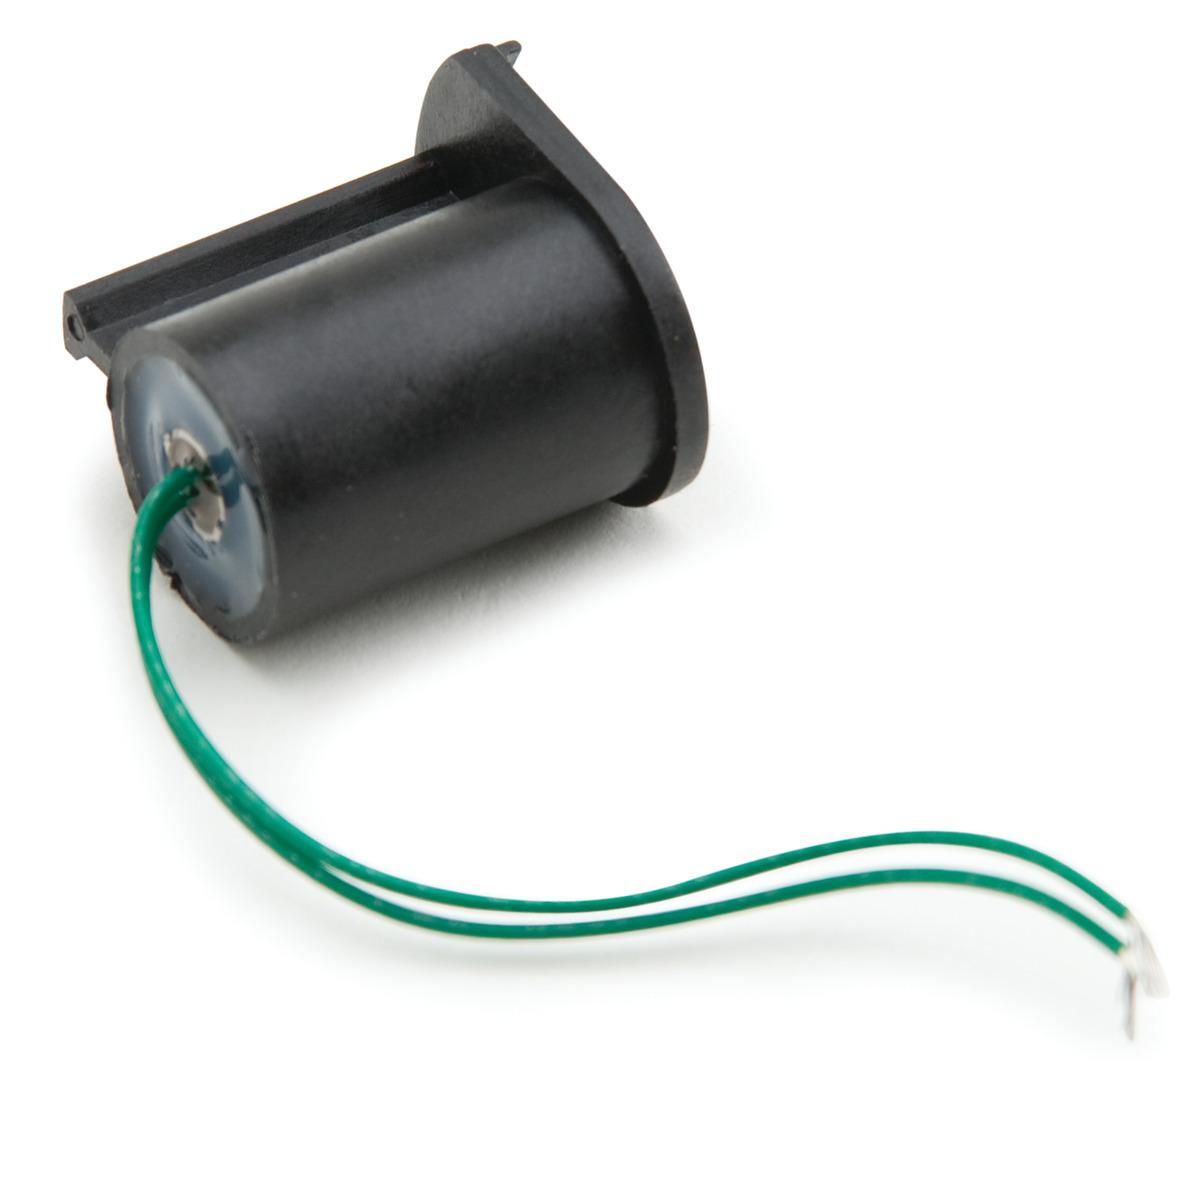 Replacement Lamp for Turbidity Meter - HI740234